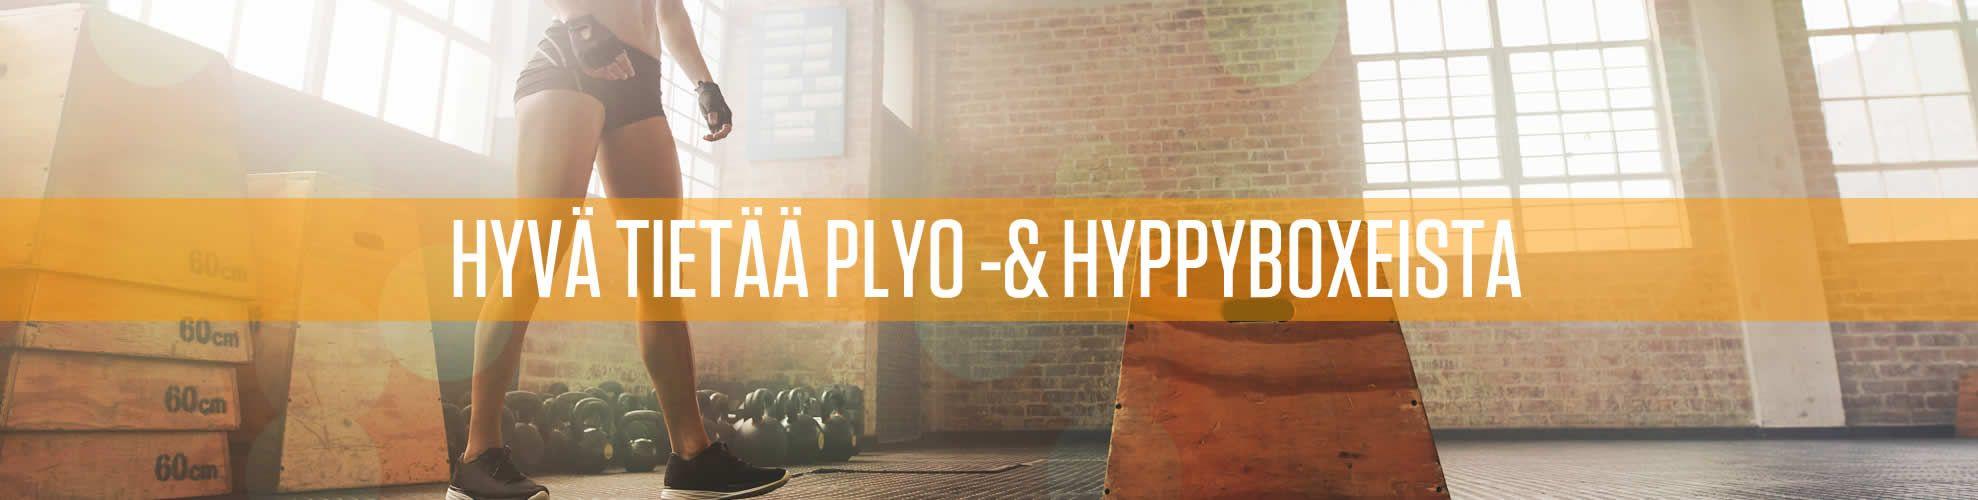 Hyvä tietoo plyoboxeista ja hyppyboxeista